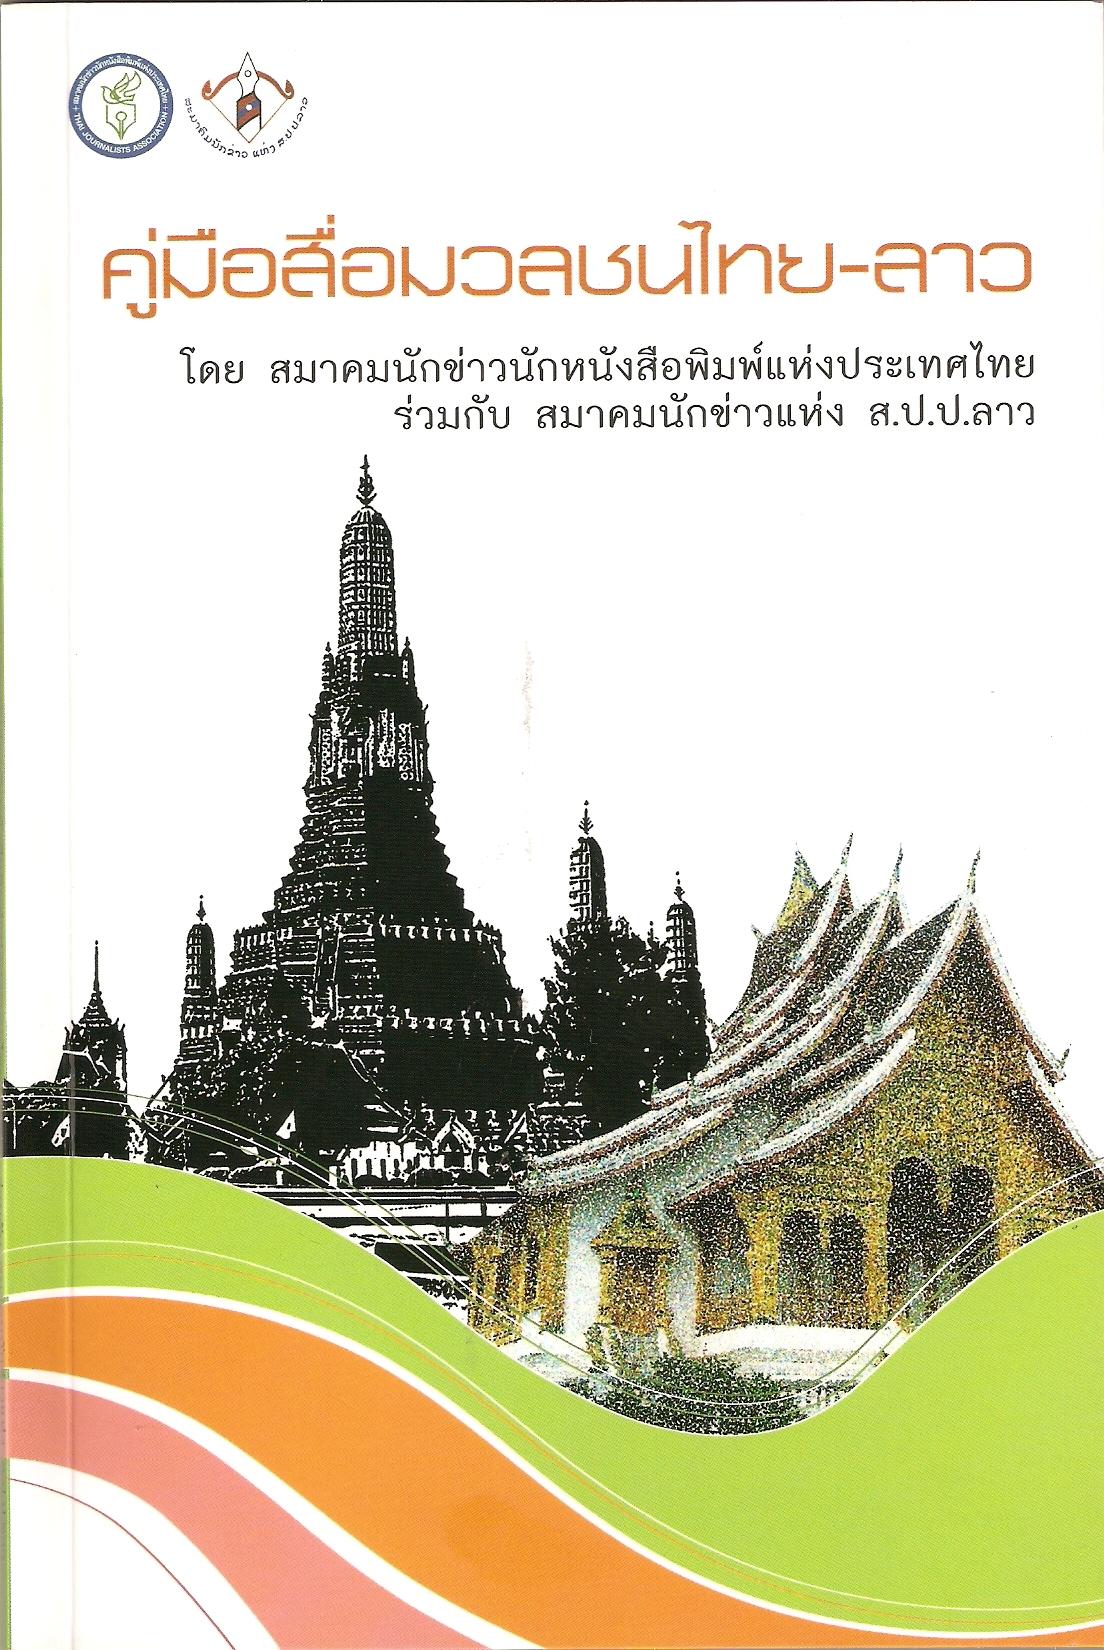 คู่มือสื่อมวลชนไทย-ลาว